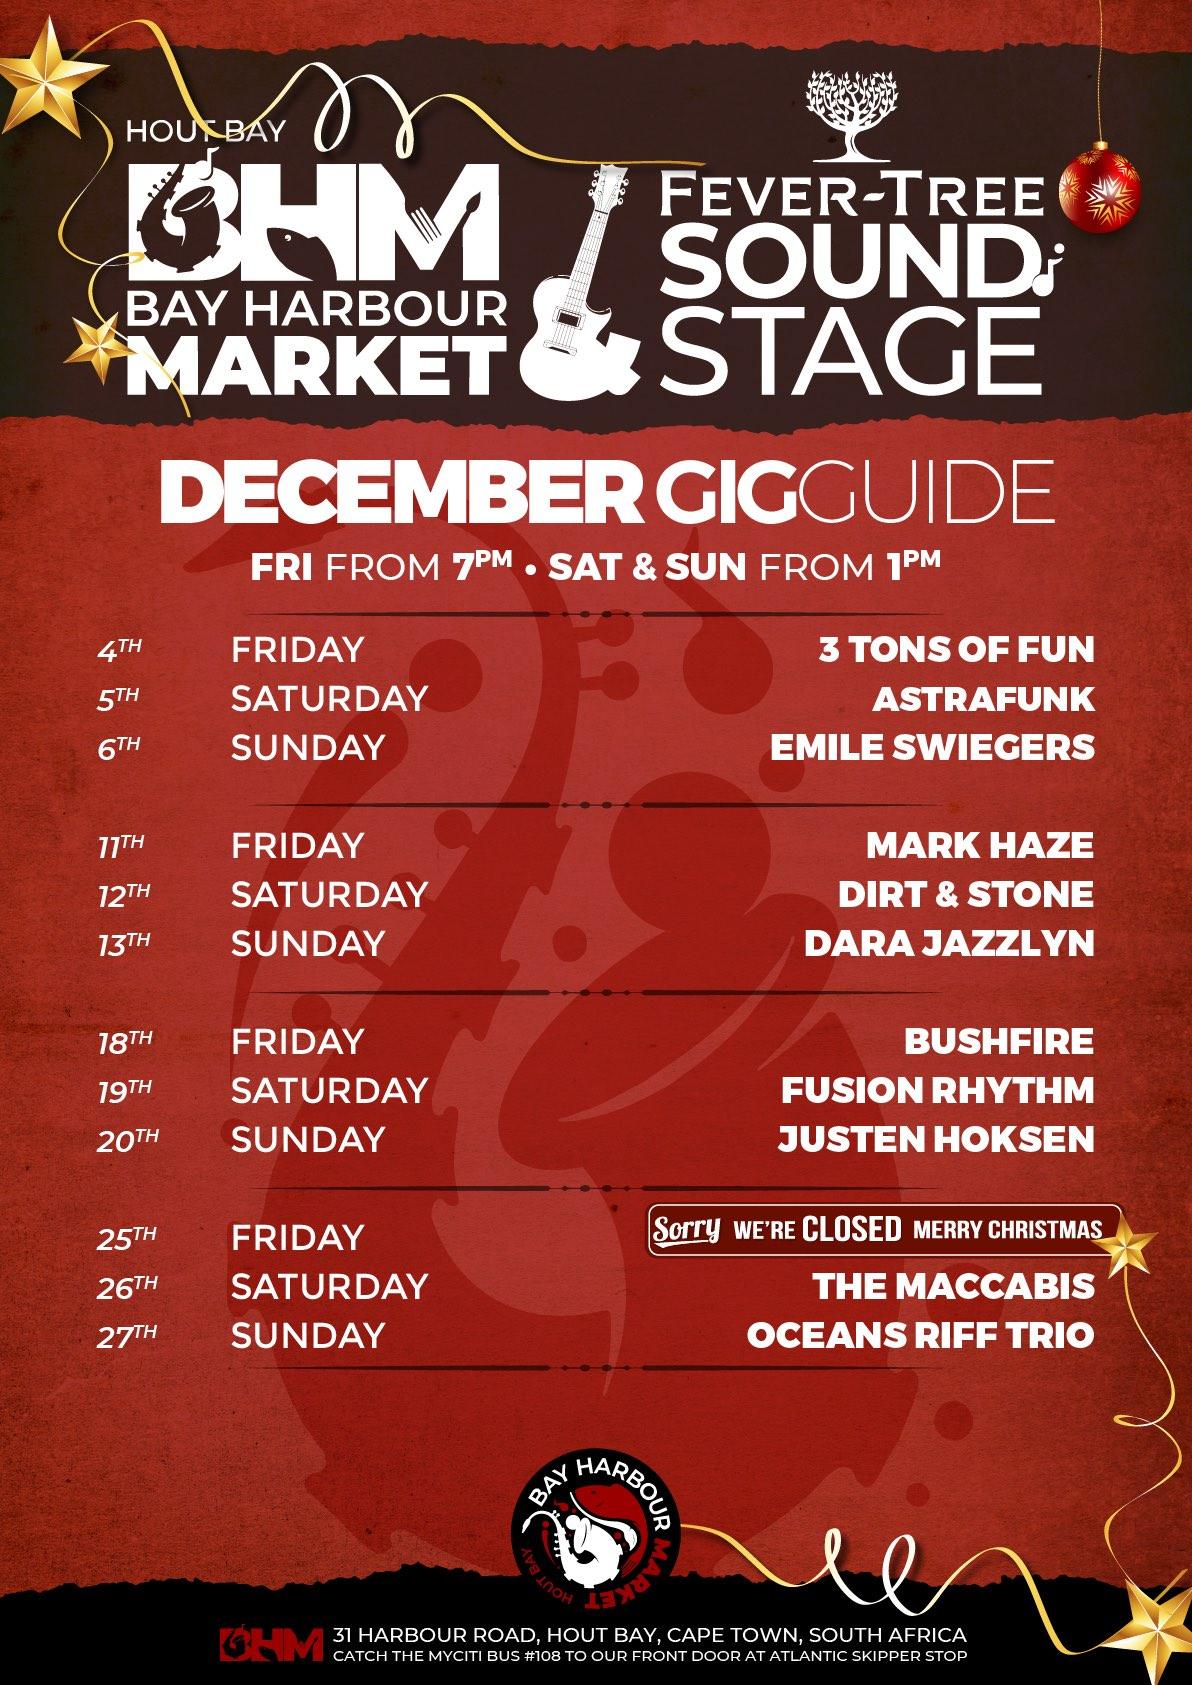 the bay harbour market gig guide December 2020